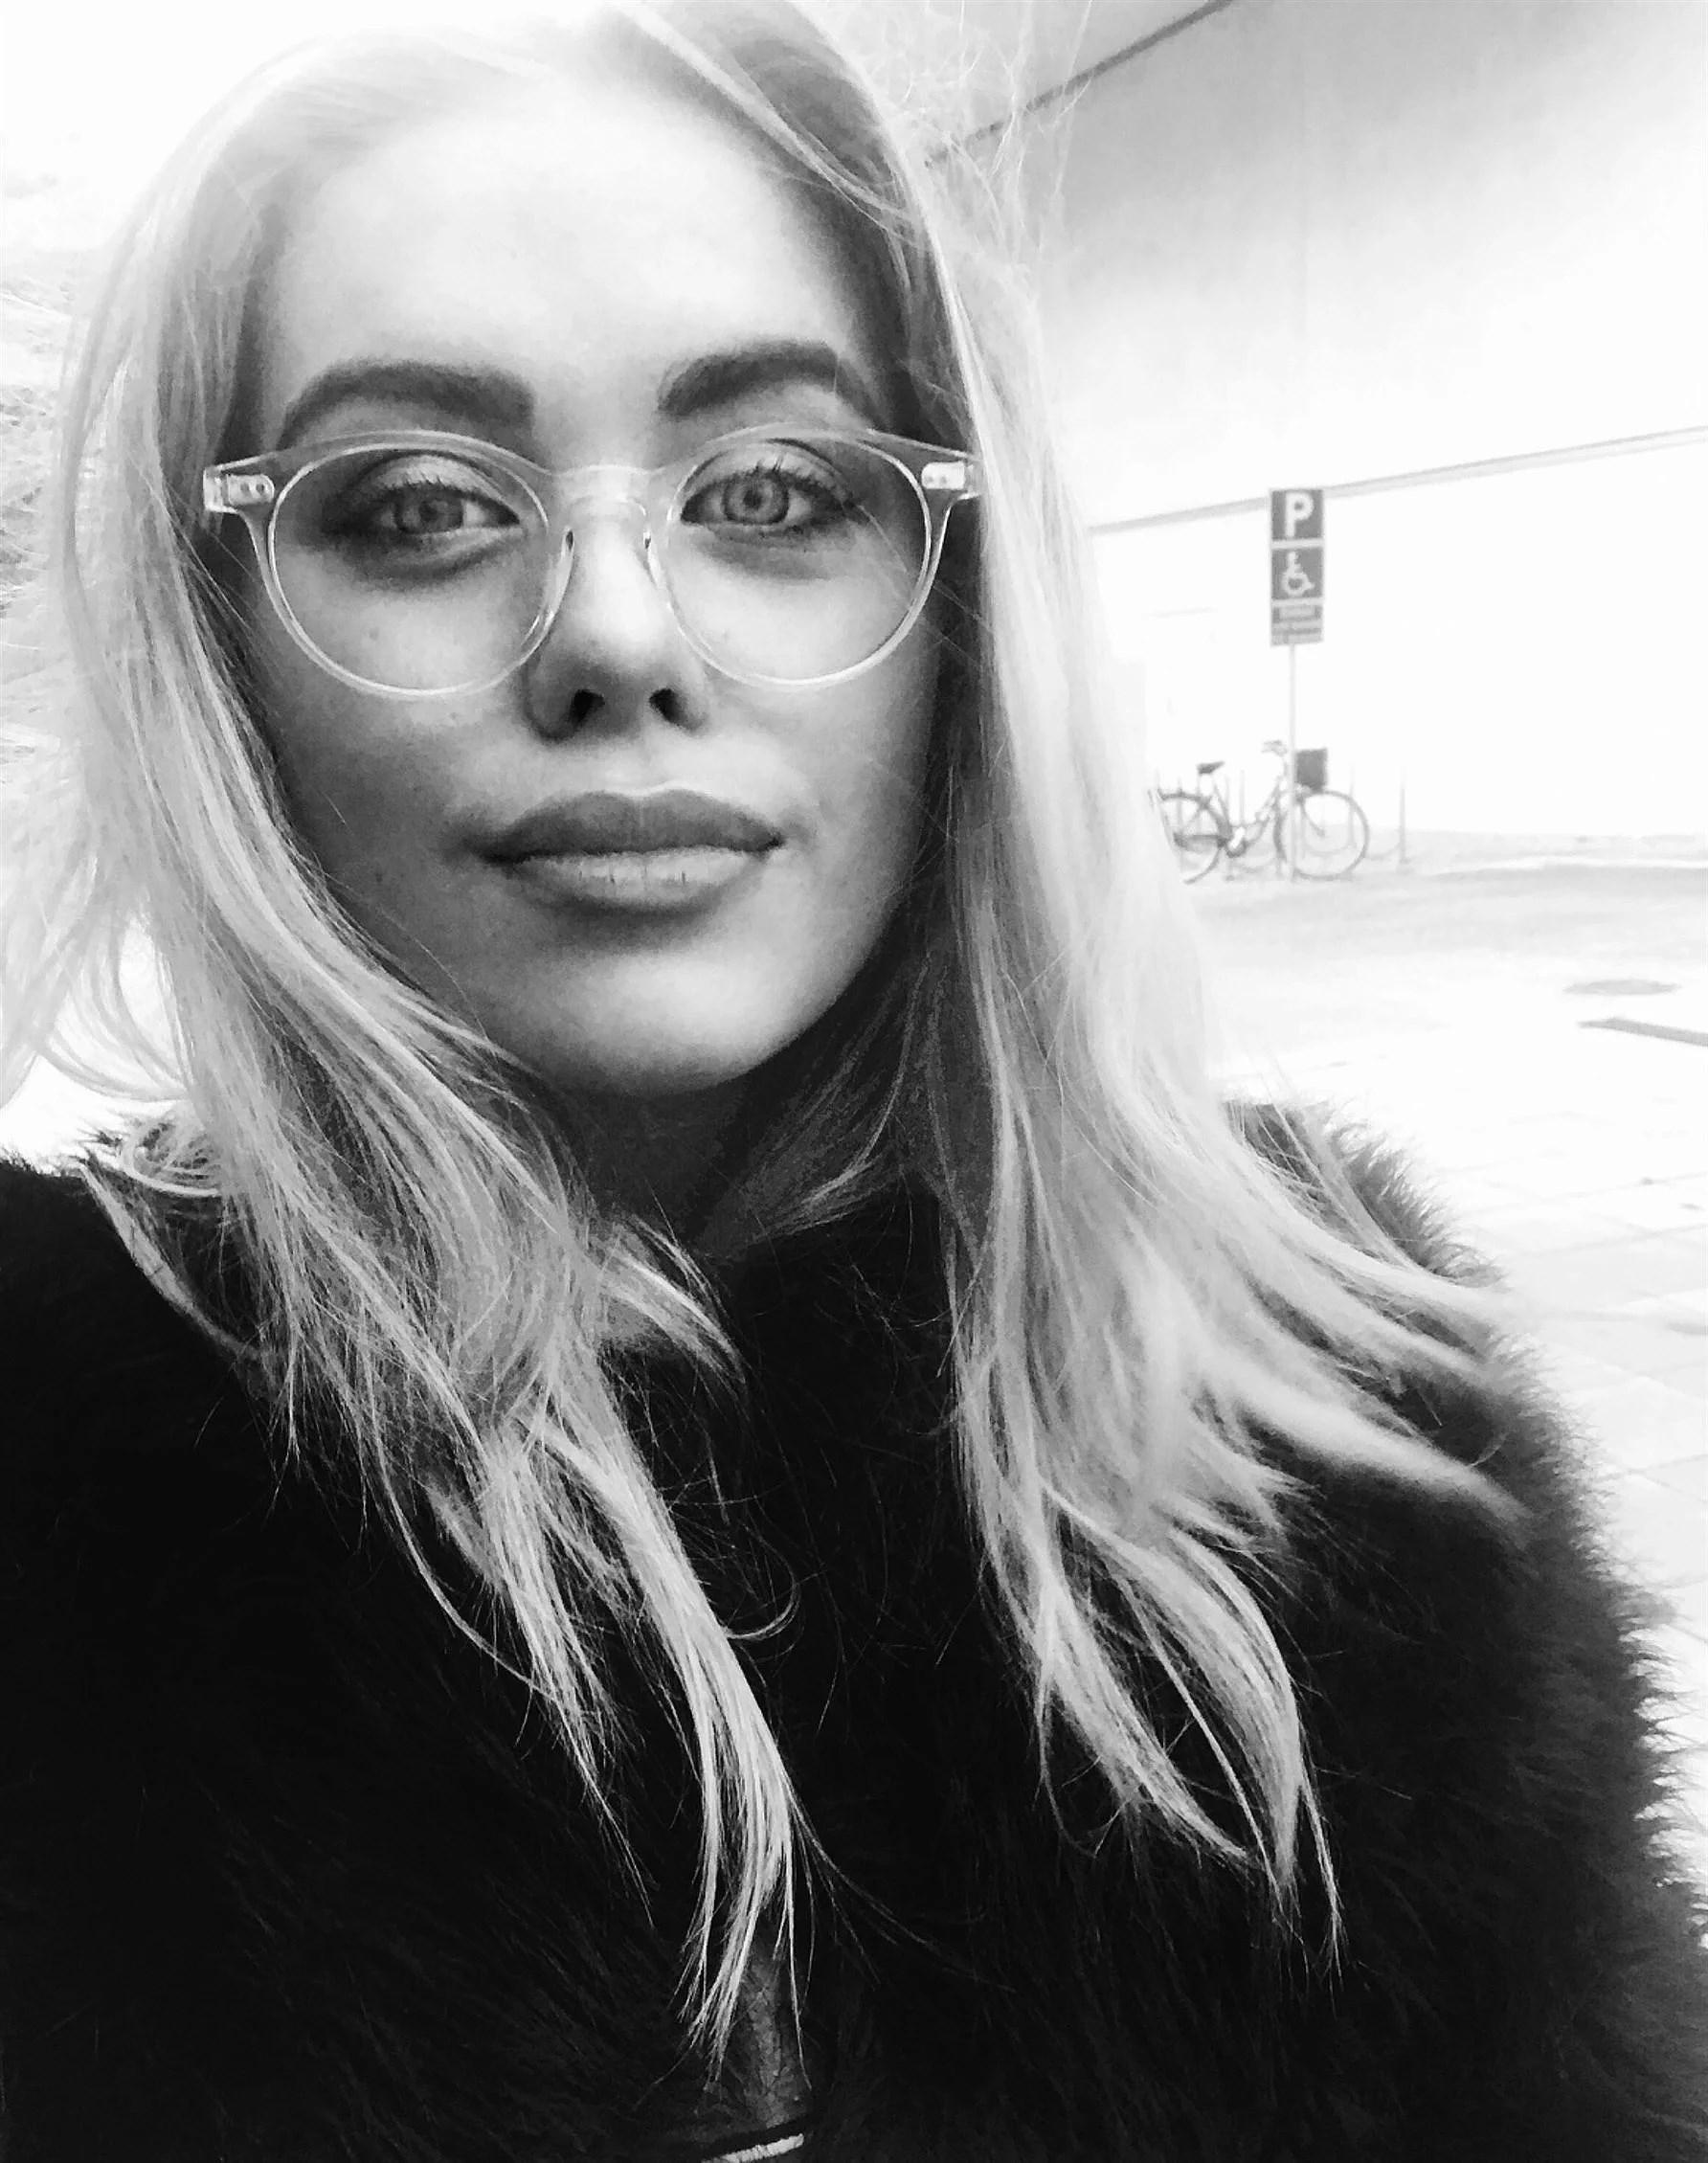 Nya glasögon och lite vilsen just nu // New glasses and a bit lost